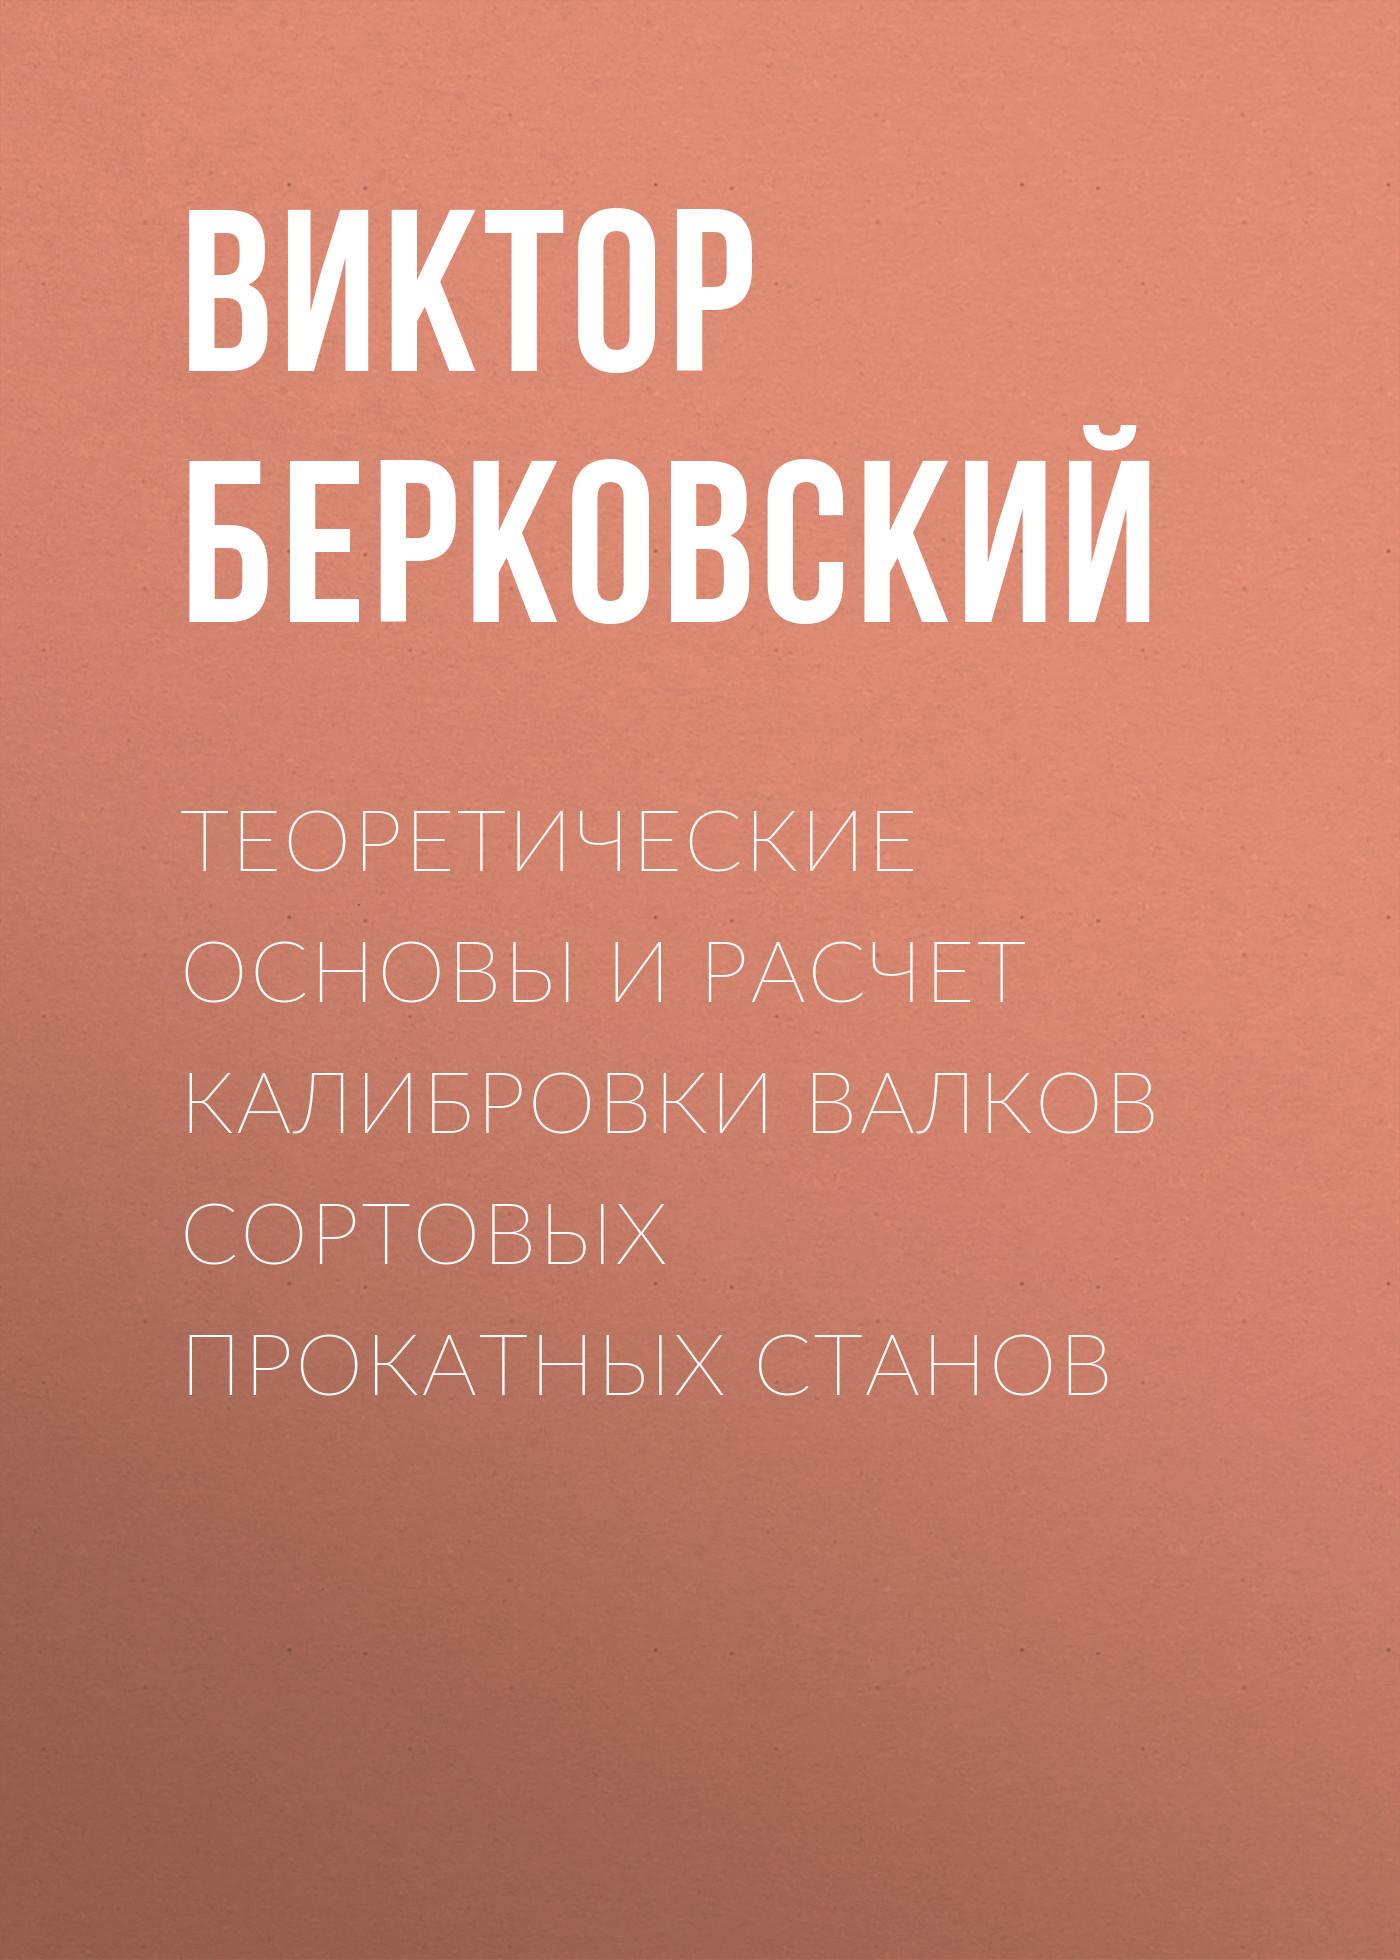 Виктор Берковский Теоретические основы и расчет калибровки валков сортовых прокатных станов методы расчета электромагнитных полей